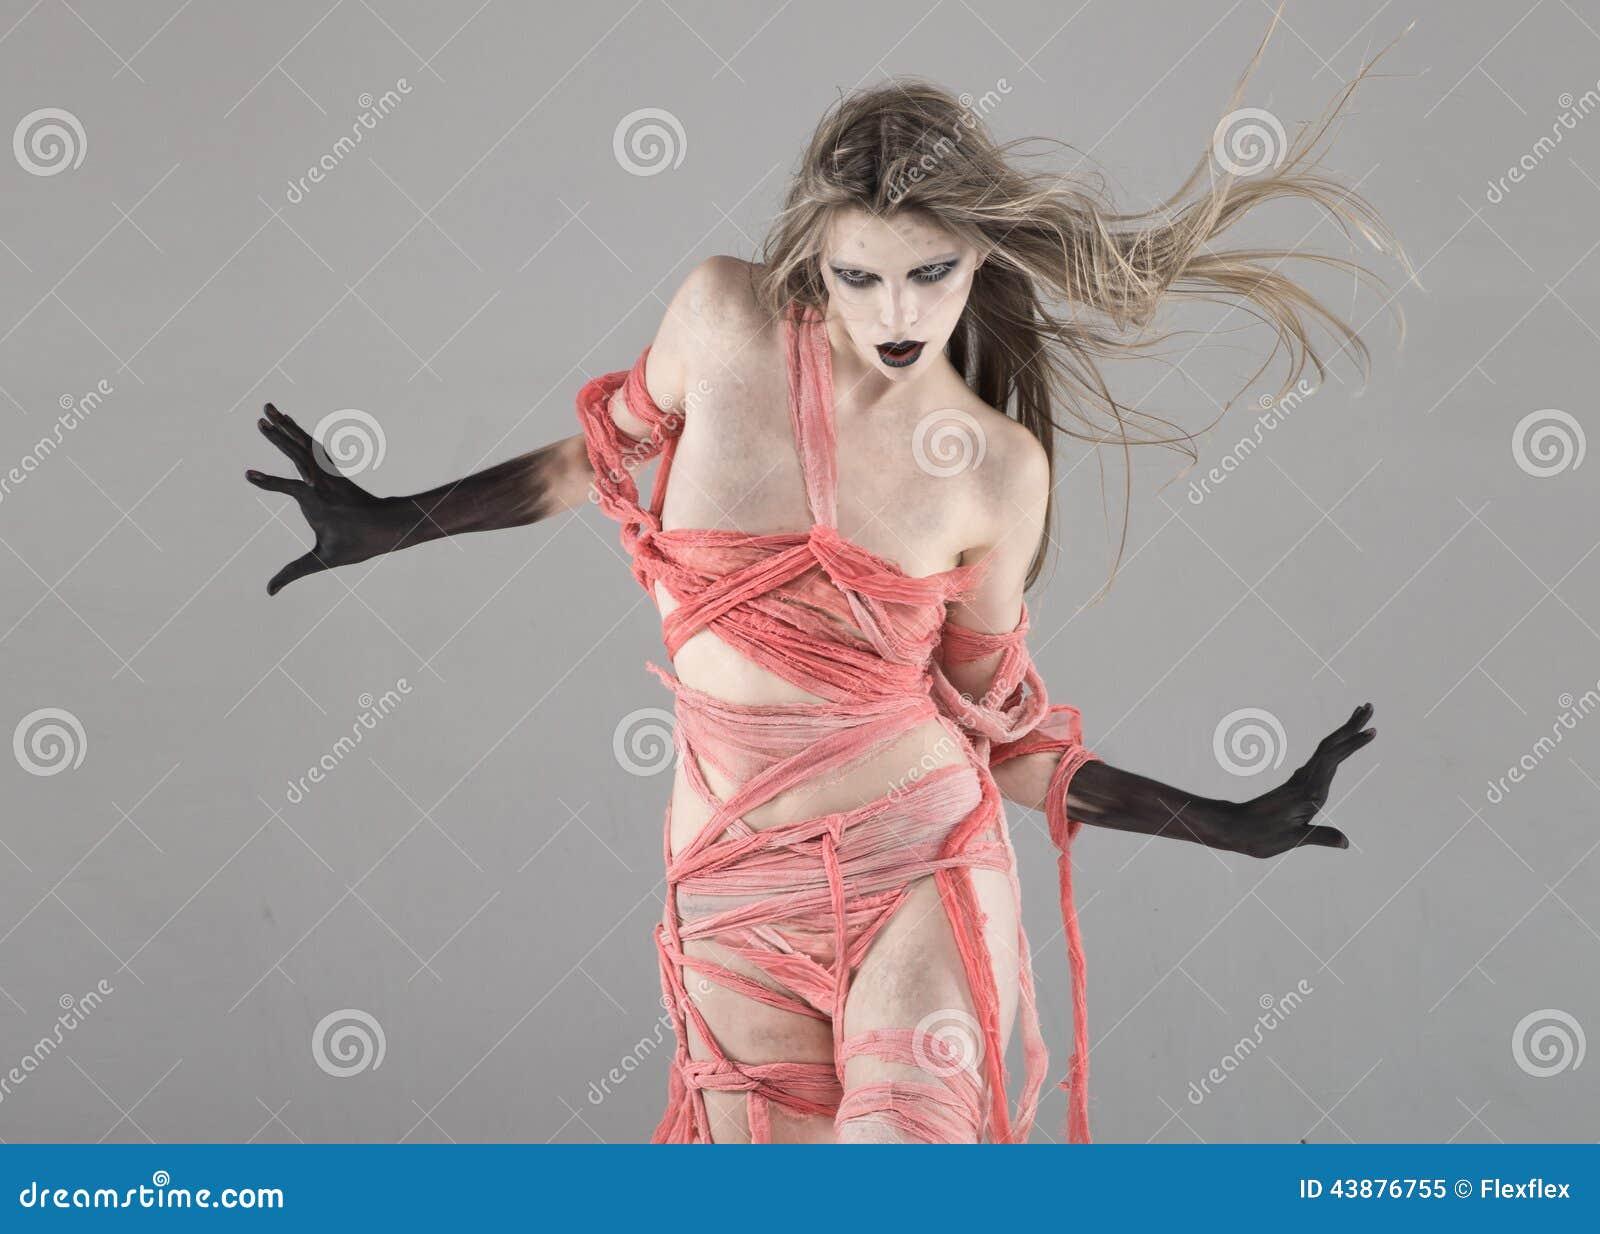 The walking dead scary girl